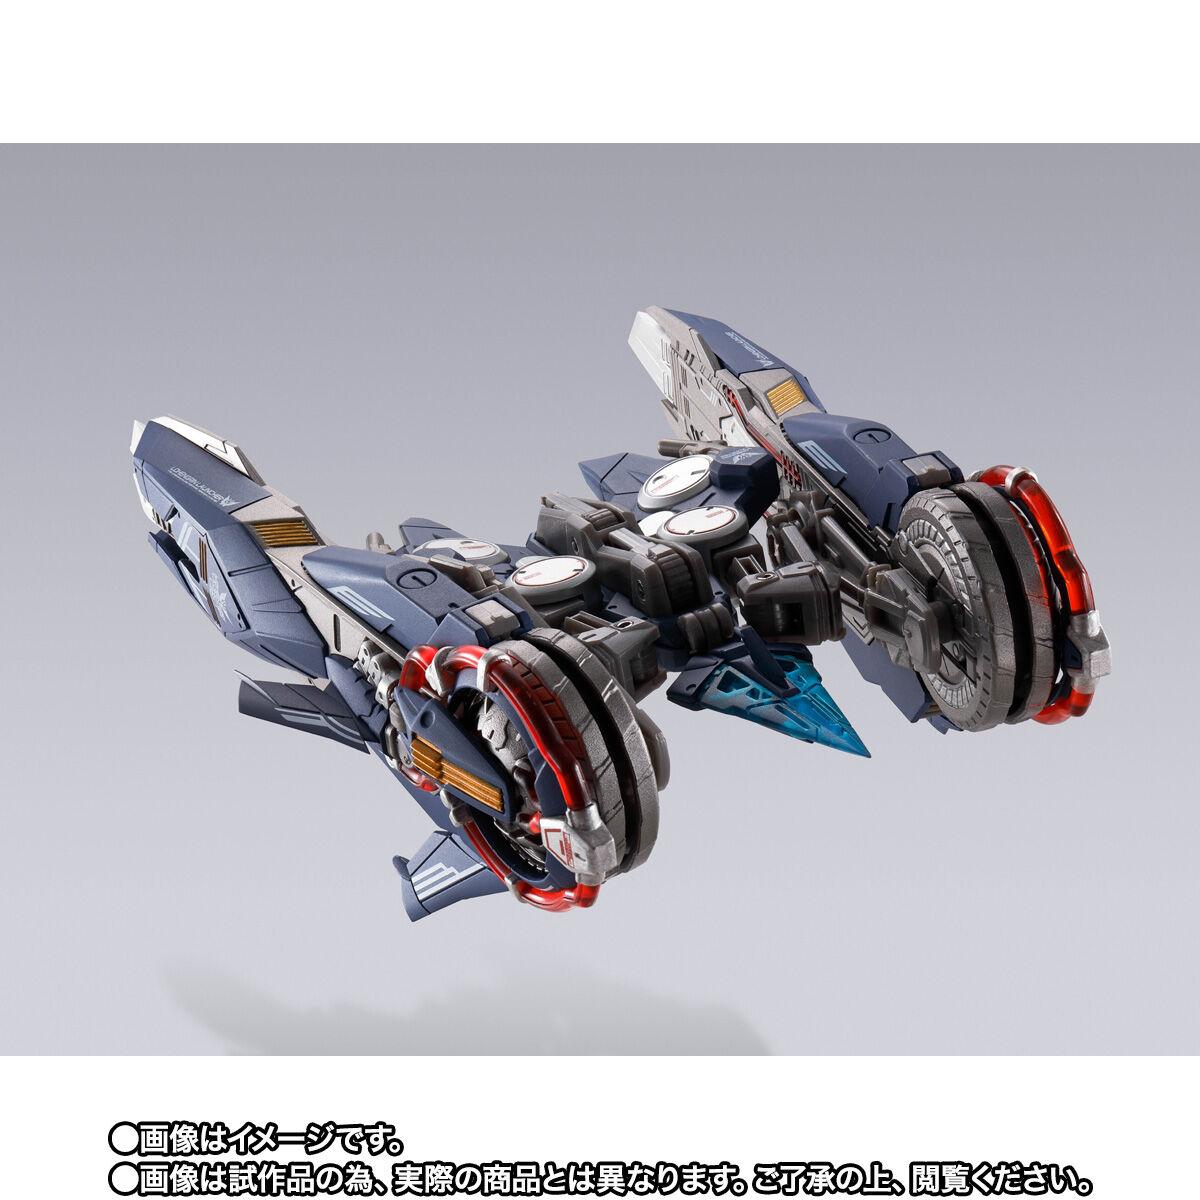 【限定販売】METAL BUILD『ローエングリンランチャー』機動戦士ガンダムSEED ASTRAY 可動フィギュア-010